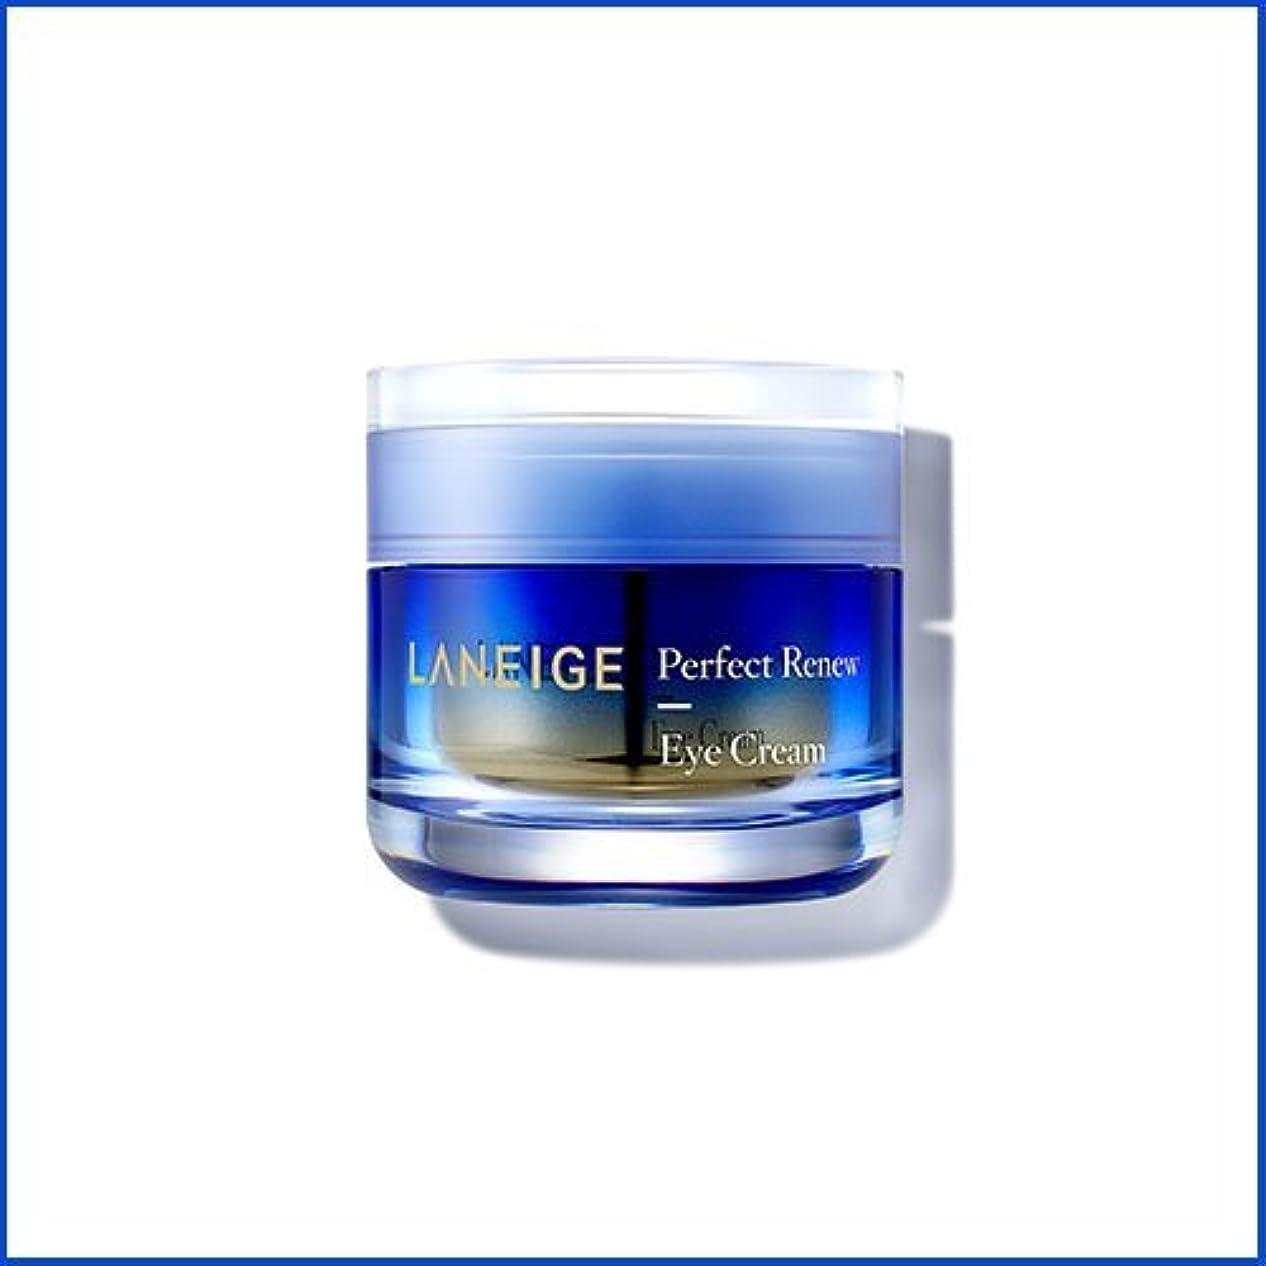 アロングそれによって勤勉【ラネージュ】【LANEIGE】【韓国コスメ】【アイクリーム 】 パーフェクト リニュー アイ クリーム 20ml Perfect Renew Eye Cream [並行輸入品]